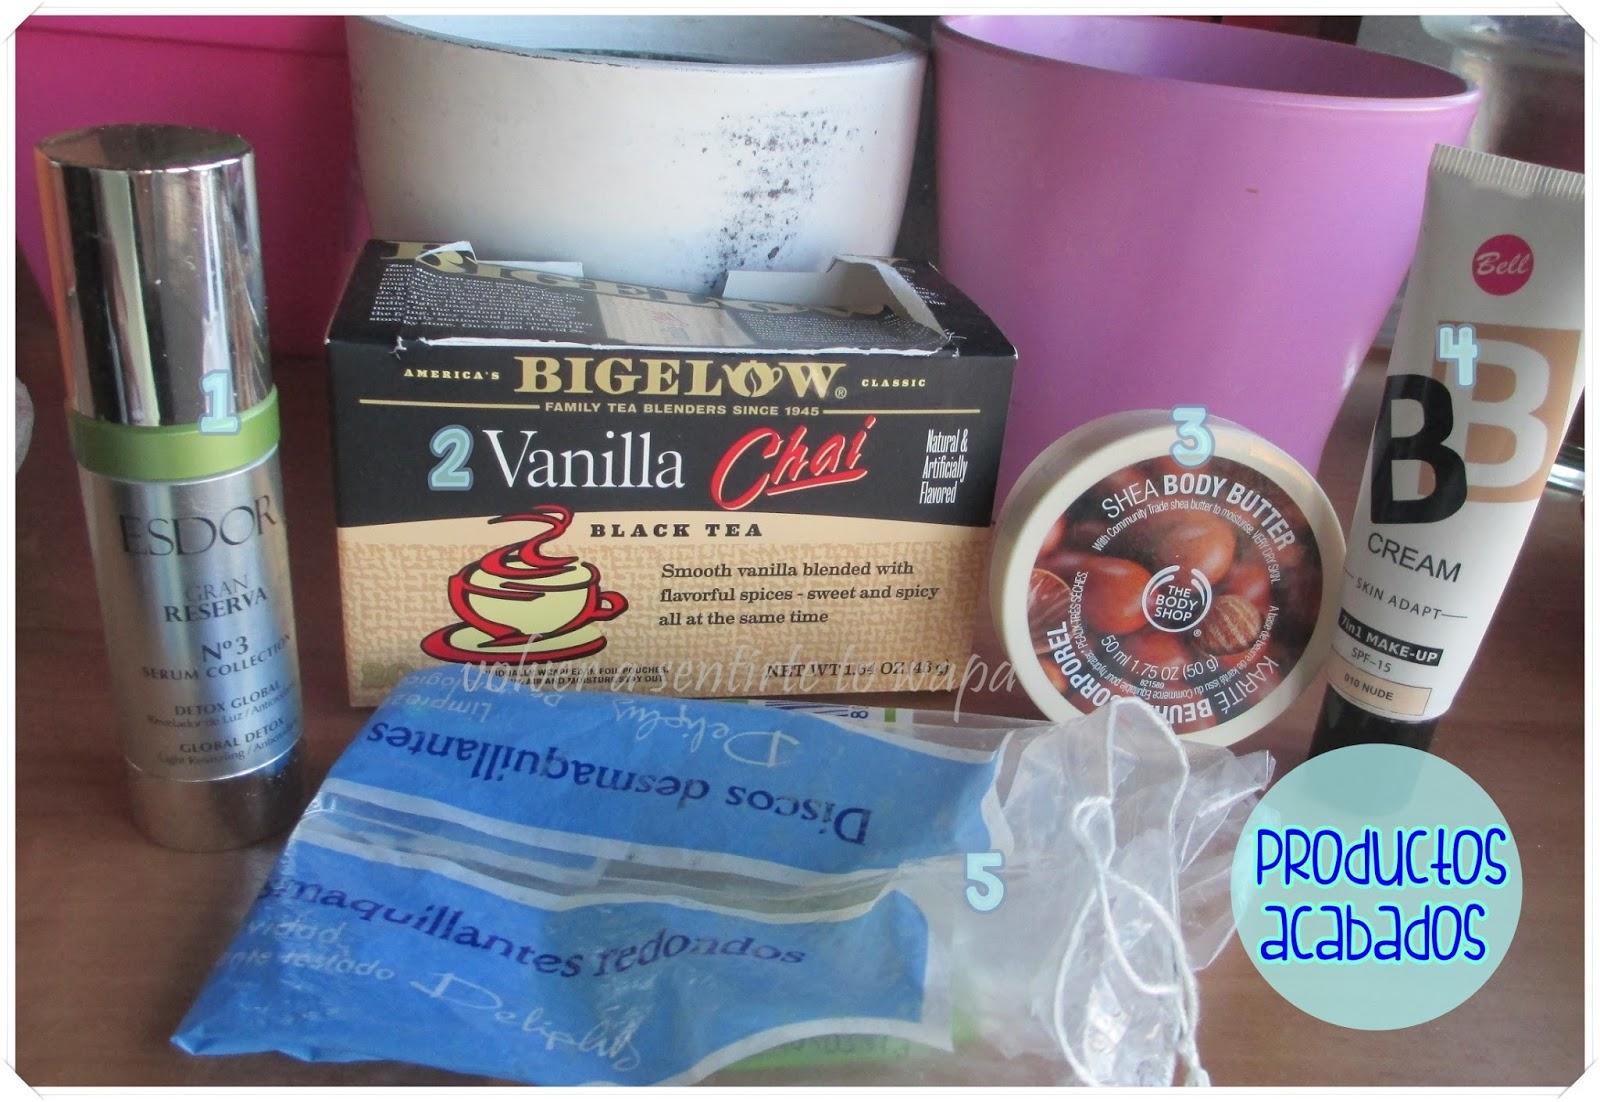 Productos acabados de belleza y cosmética - Volver a Sentirte to Wapa